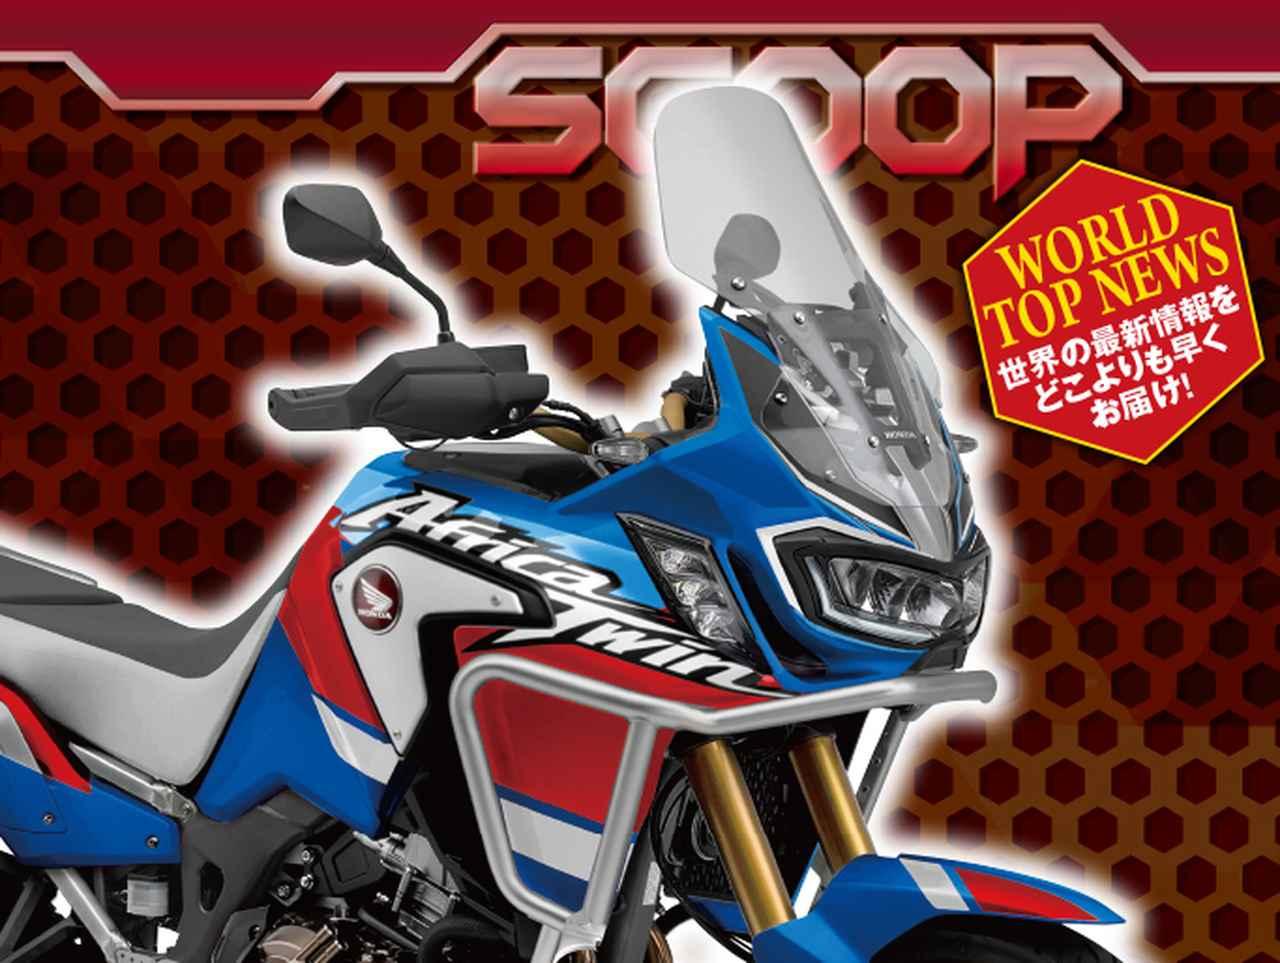 画像2: 大人気企画「ジャパン・バイク・オブ・ザ・イヤー」の結果発表号です!